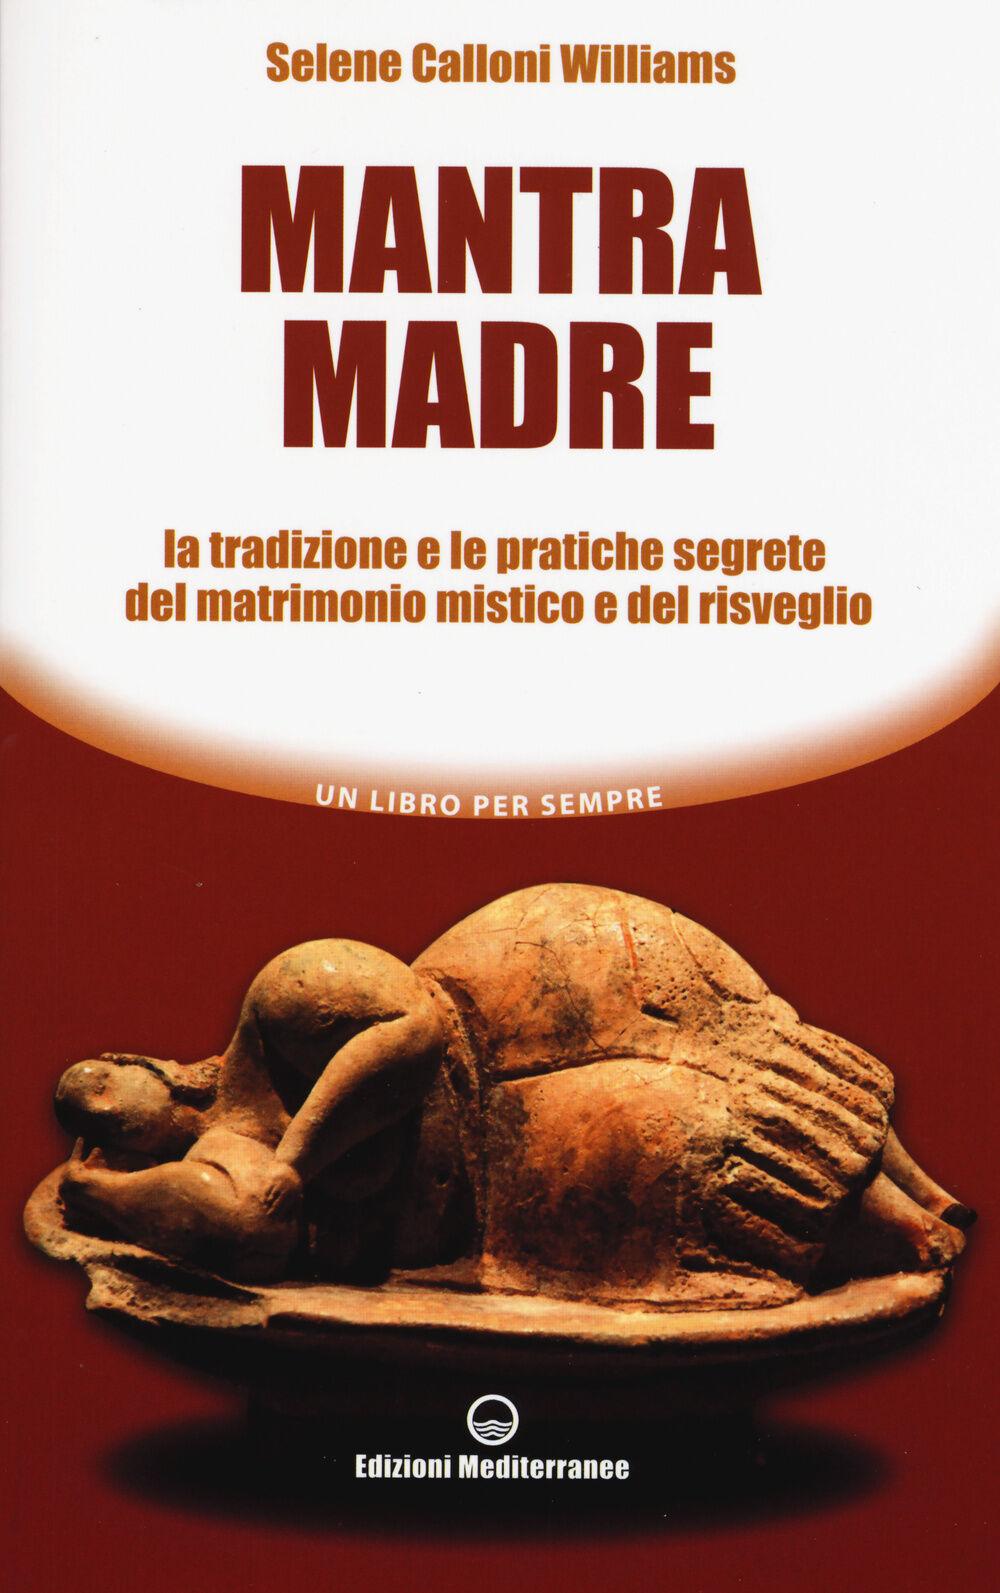 Mantra madre. Le tradizioni e le pratiche segrete del matrimonio mistico e del risveglio